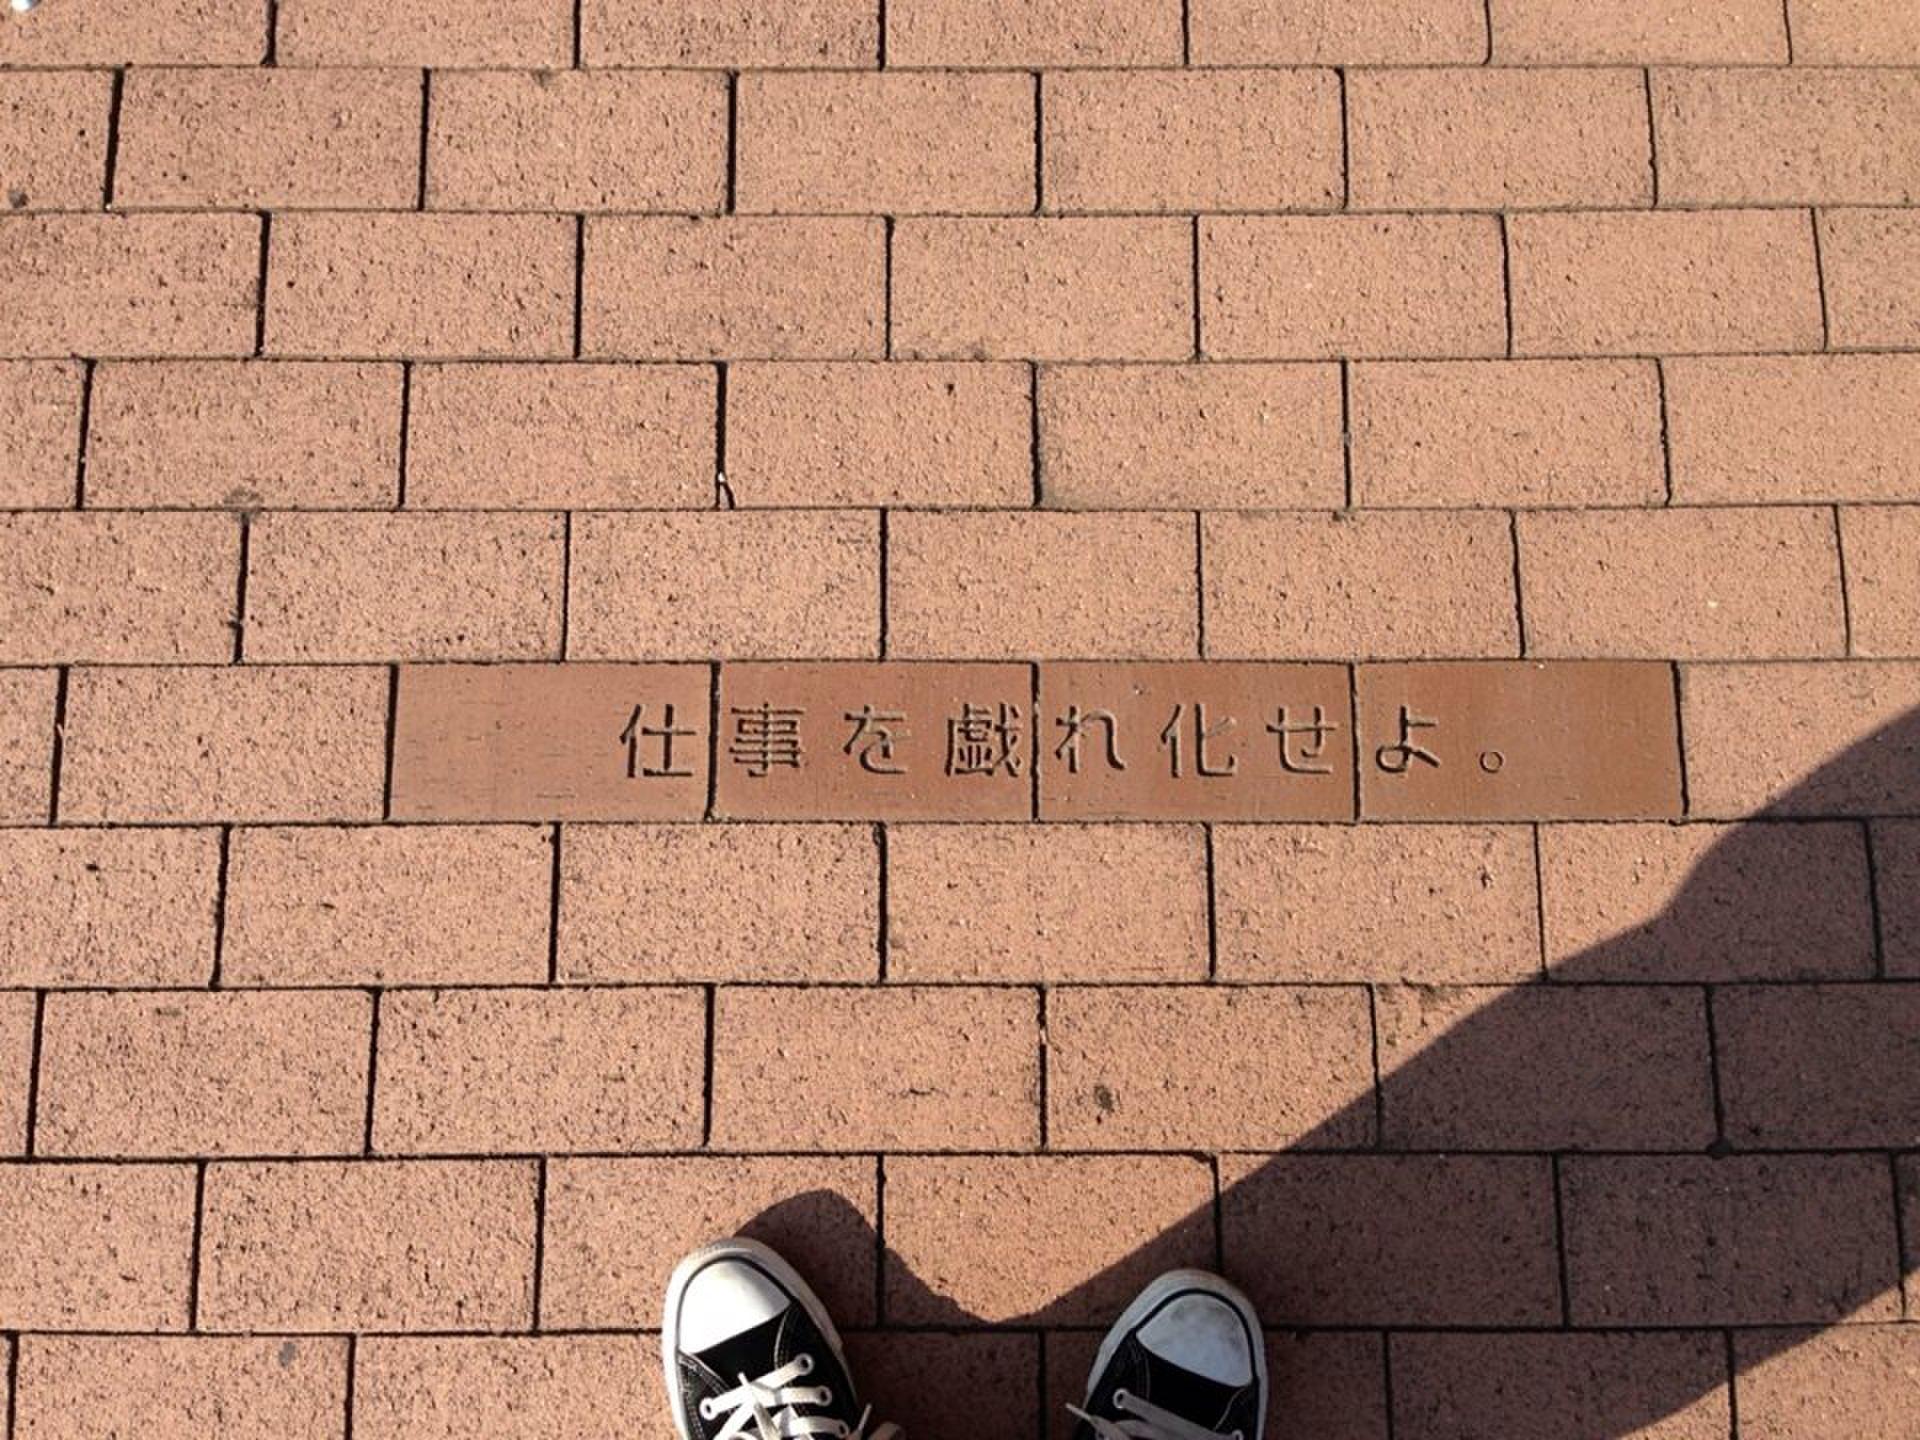 桜木町・横浜みなとみらい観光スポットを散歩♪マップなしでも気軽に観光名所が廻れるお昼におすすめコース